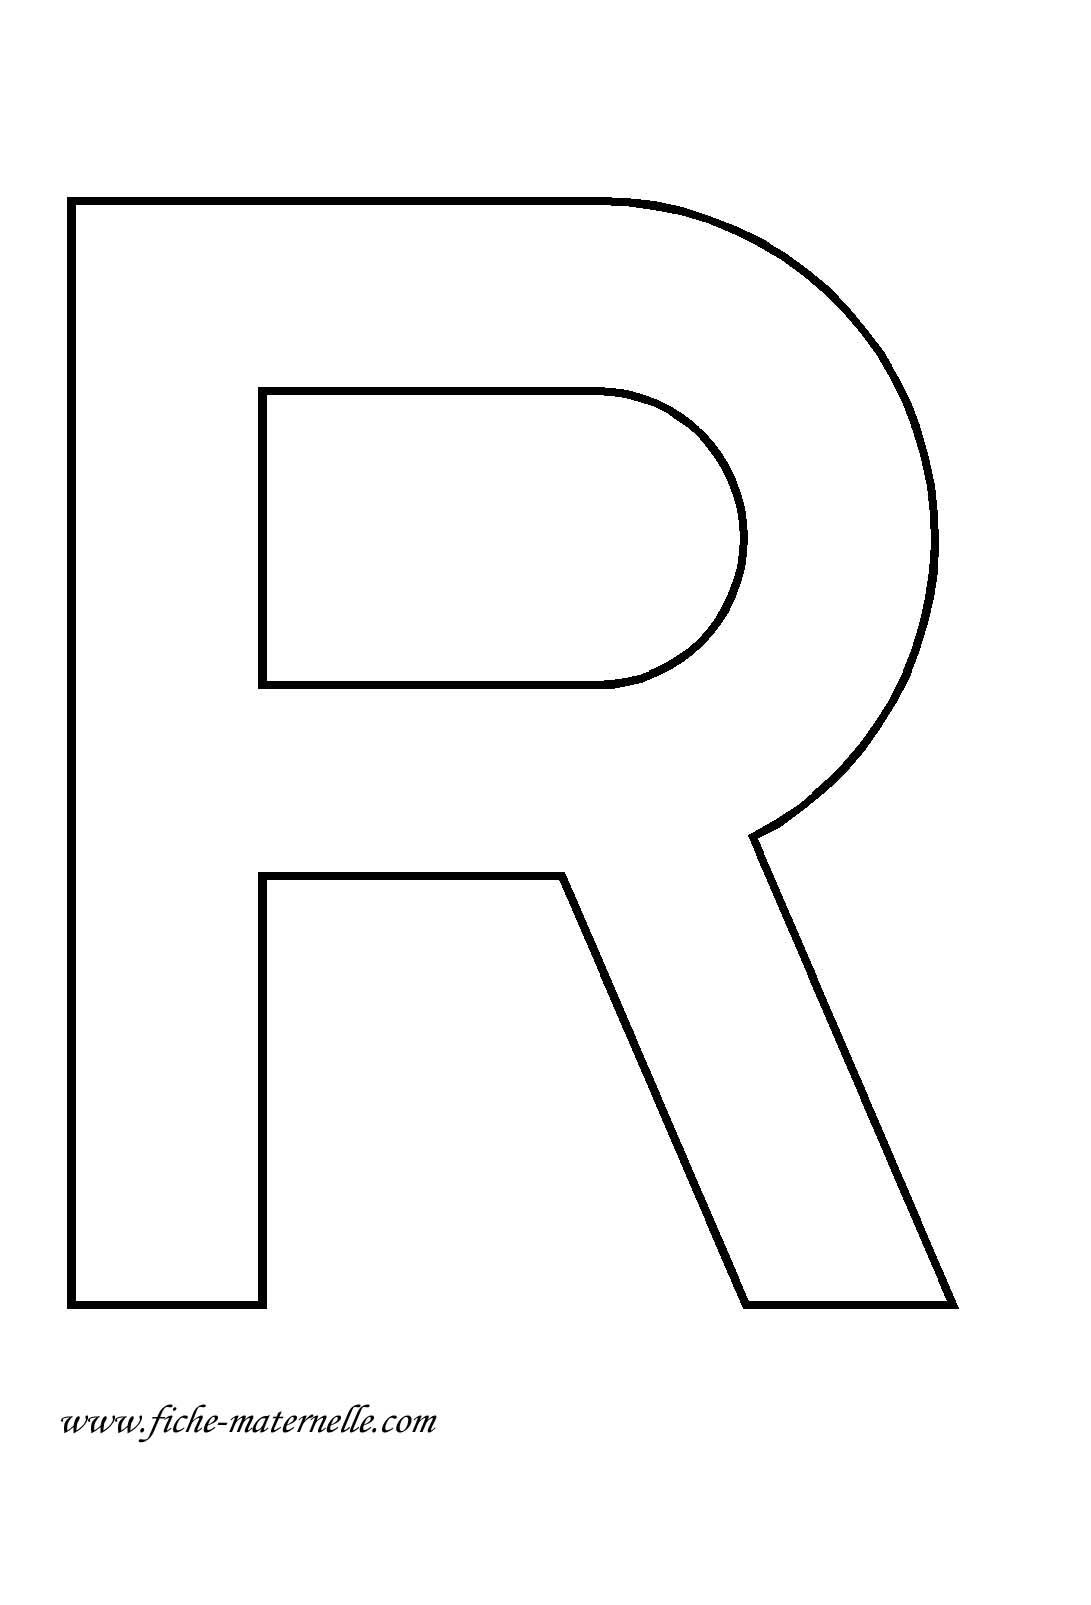 Lettre de l 39 alphabet d corer lettre r - Grande lettre alphabet a imprimer ...